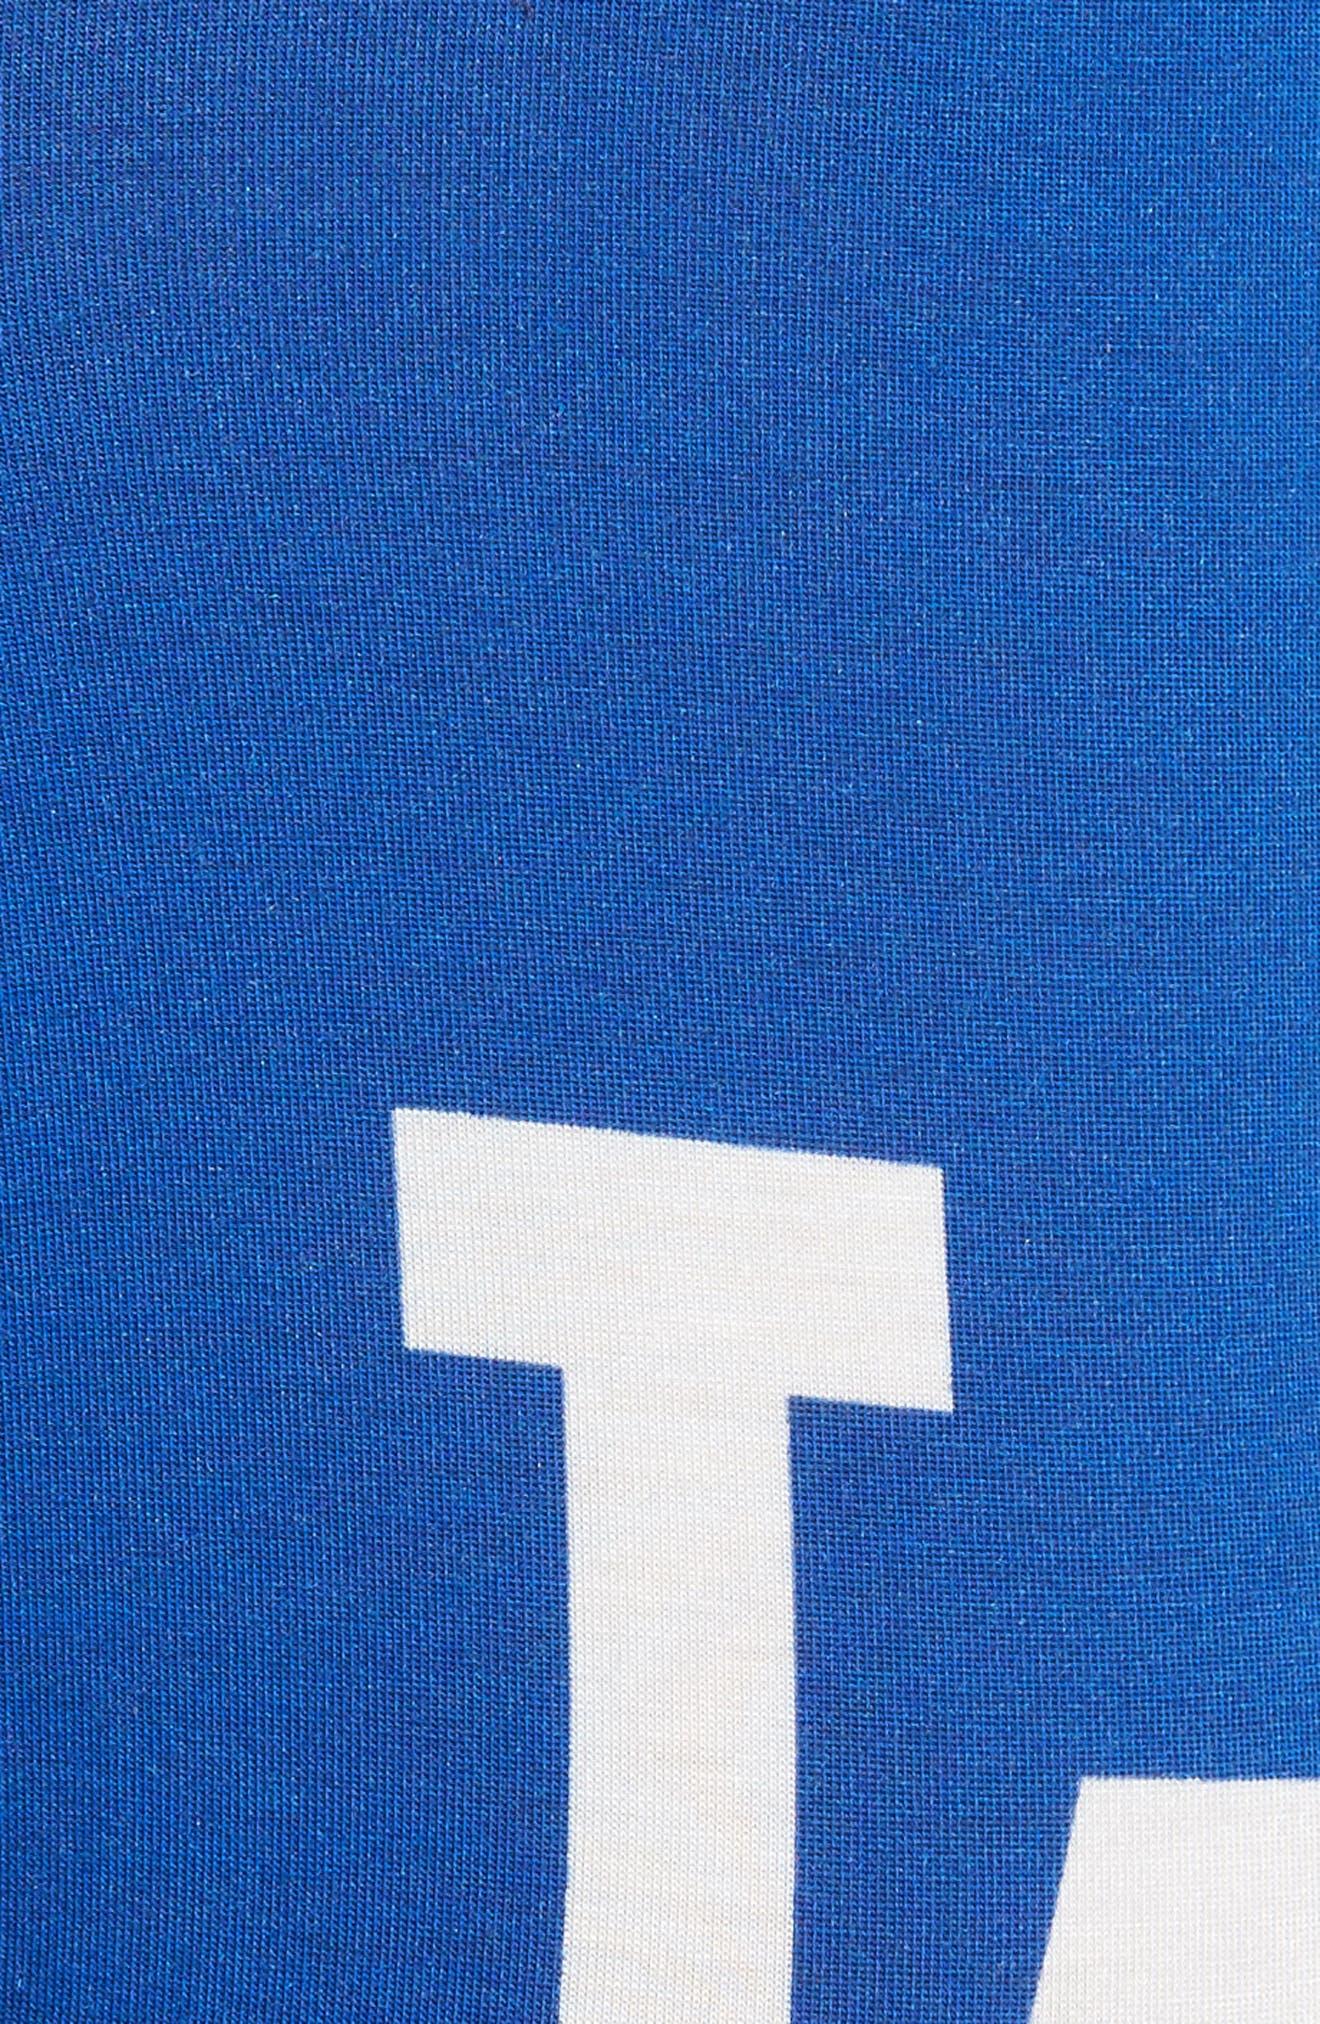 Dodgers Tie Dye Stretch Modal Boxer Briefs,                             Alternate thumbnail 4, color,                             420